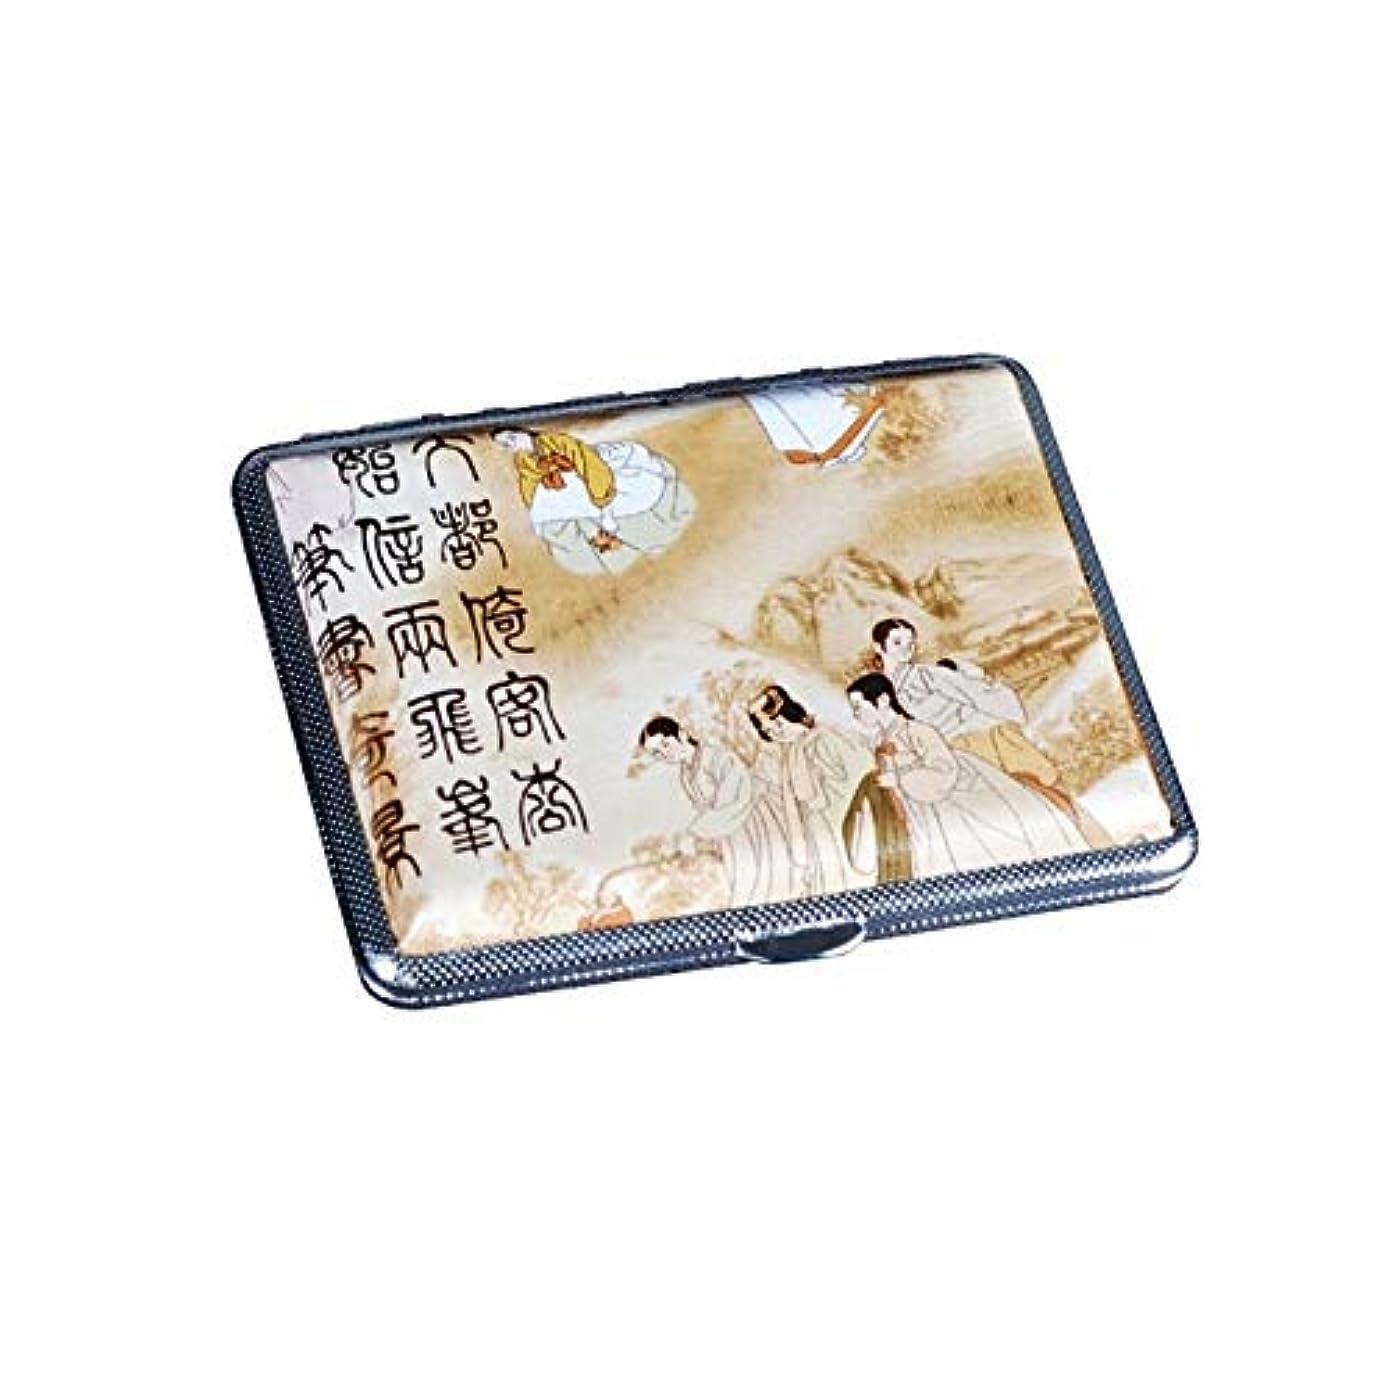 話をするしかしながらバリアXIAOCHAOSD タバコ箱、自動ビジネス統合、メンズクリエイティブレザーシガレットケース 14、16、18スティック、 (Size : 14 sticks)